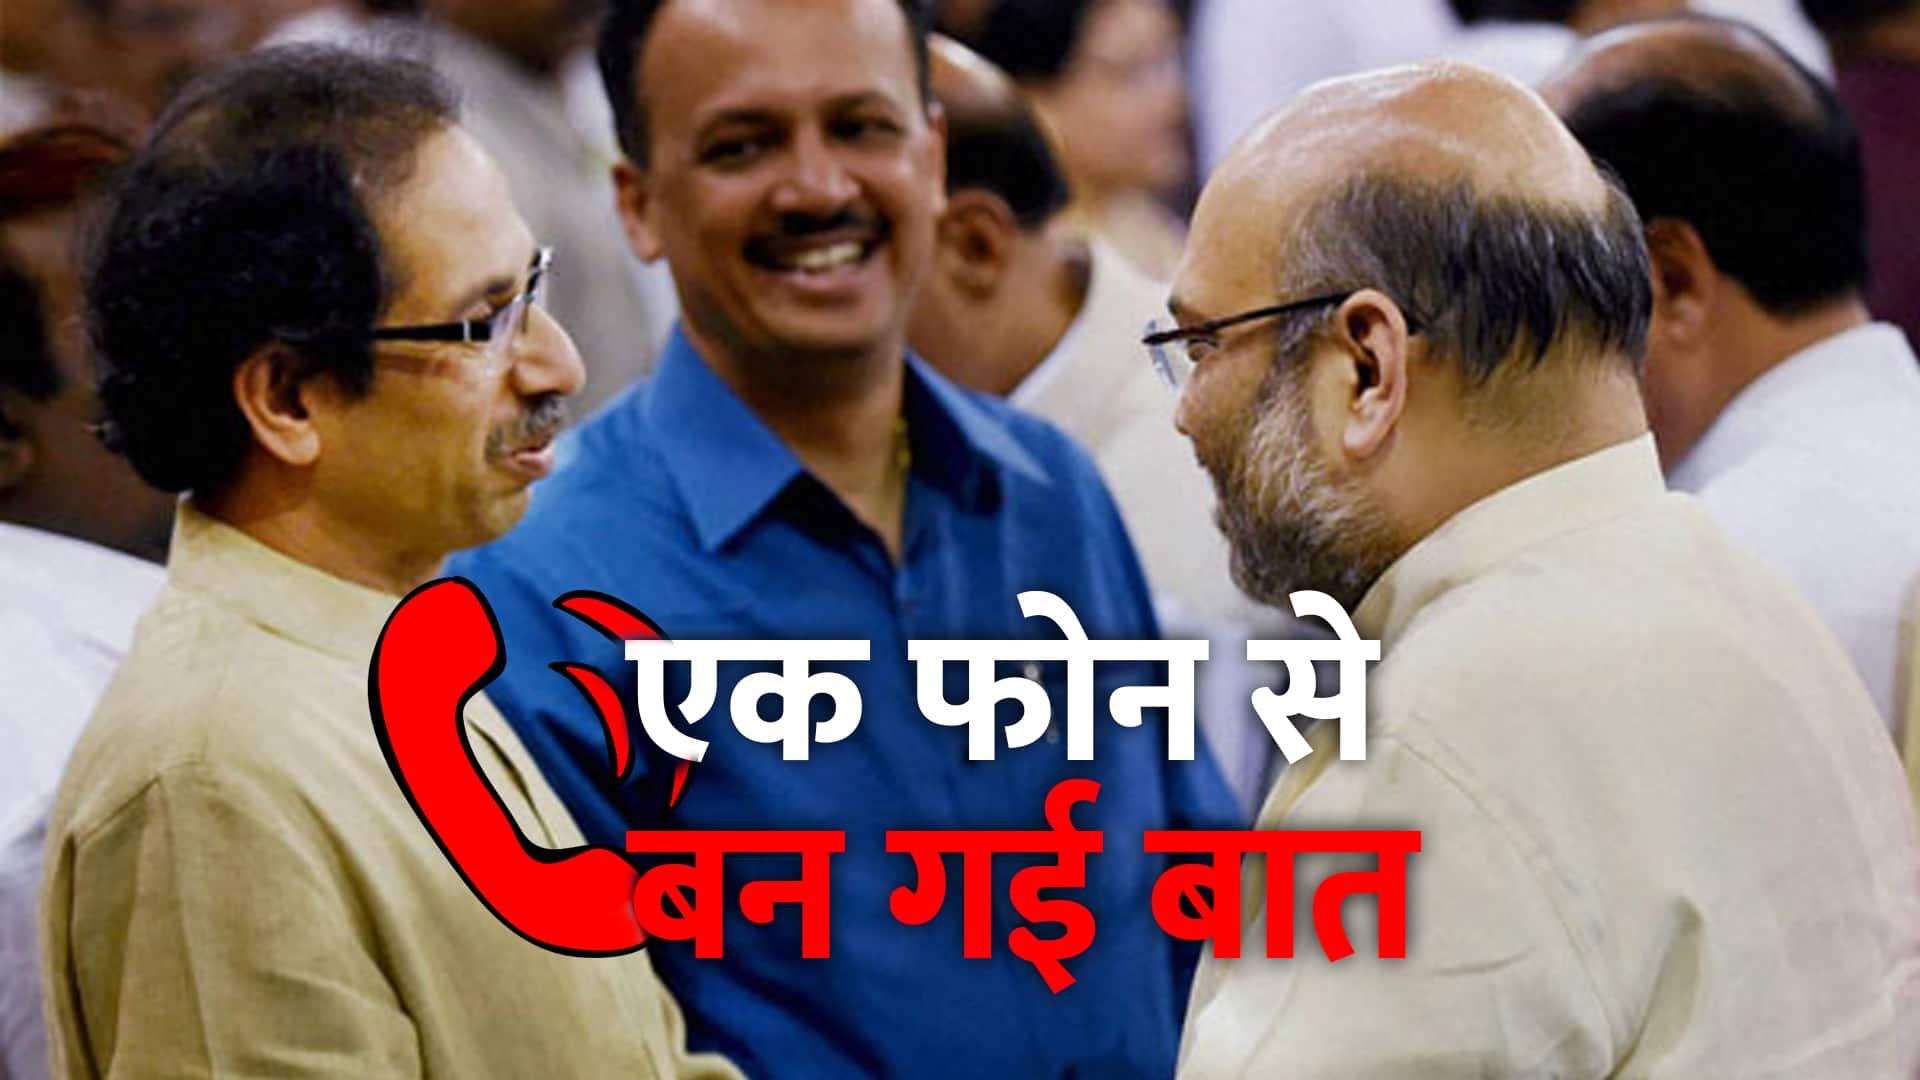 Why shiv sena step back from bharat bandh